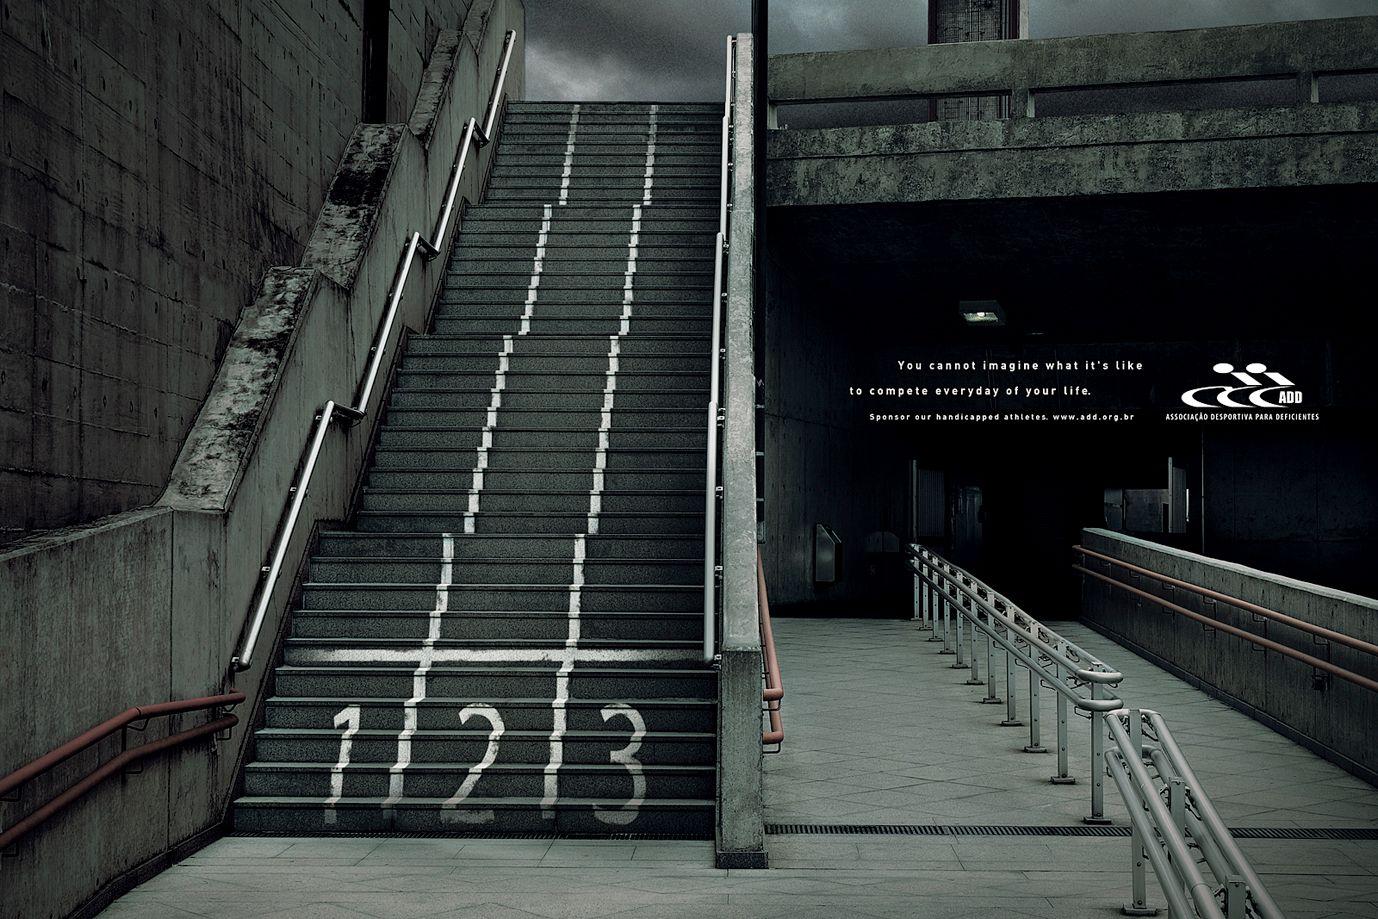 Escaleras Panneau Publicitaire Publicite Street Marketing